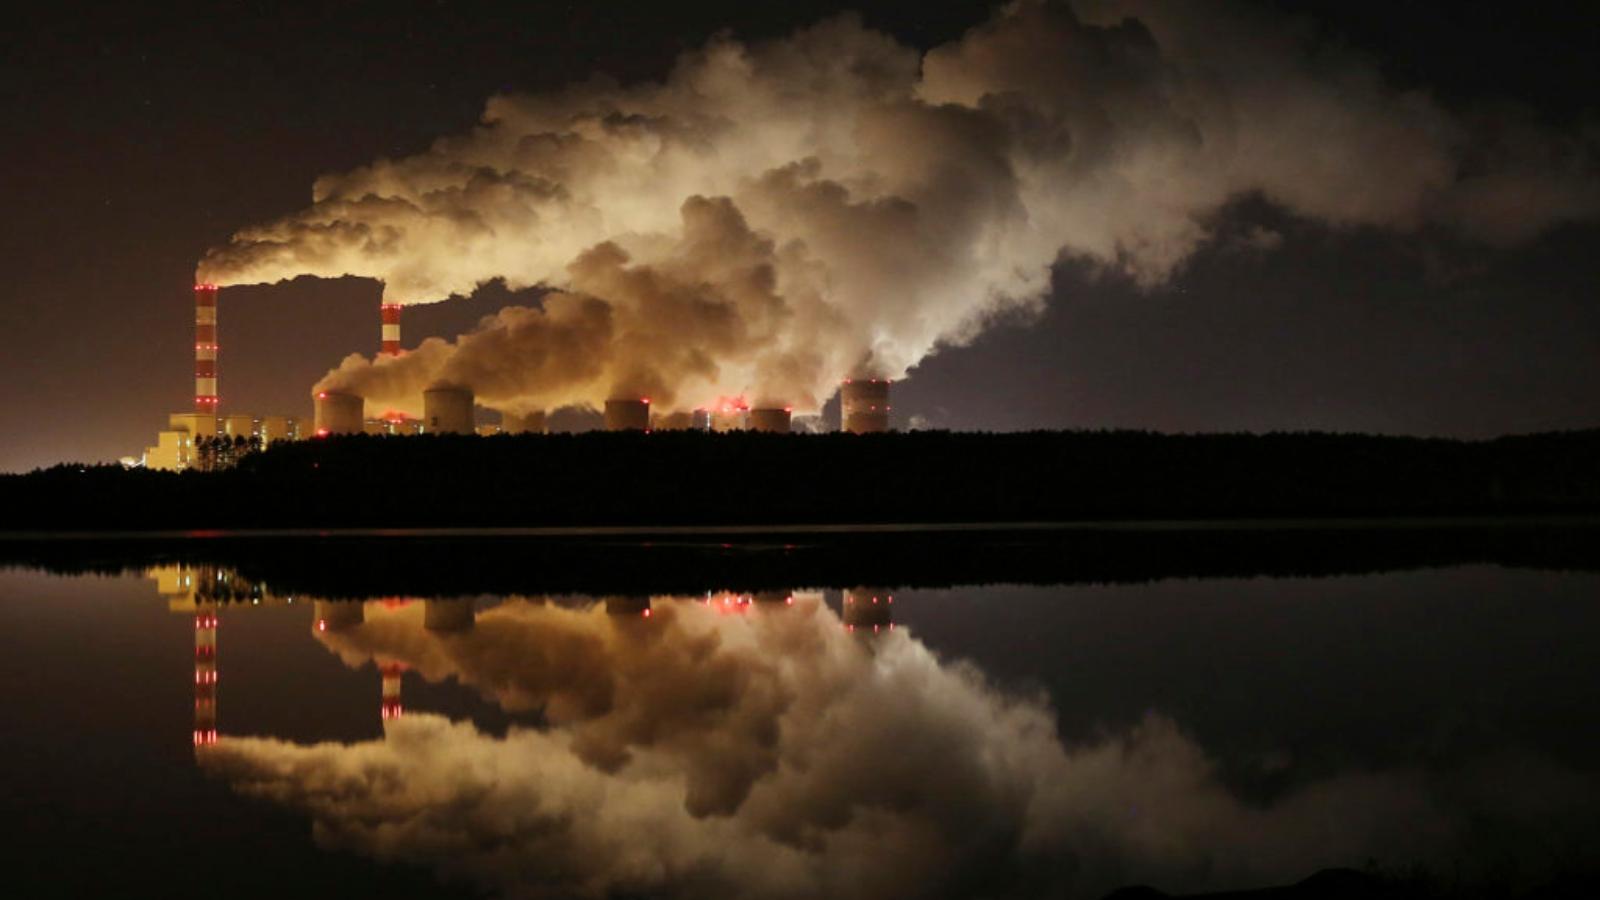 Κλιματική κρίση: «Μετεξεταστέες» οι μεγαλύτερες χώρες της συμφωνίας των Παρισίων